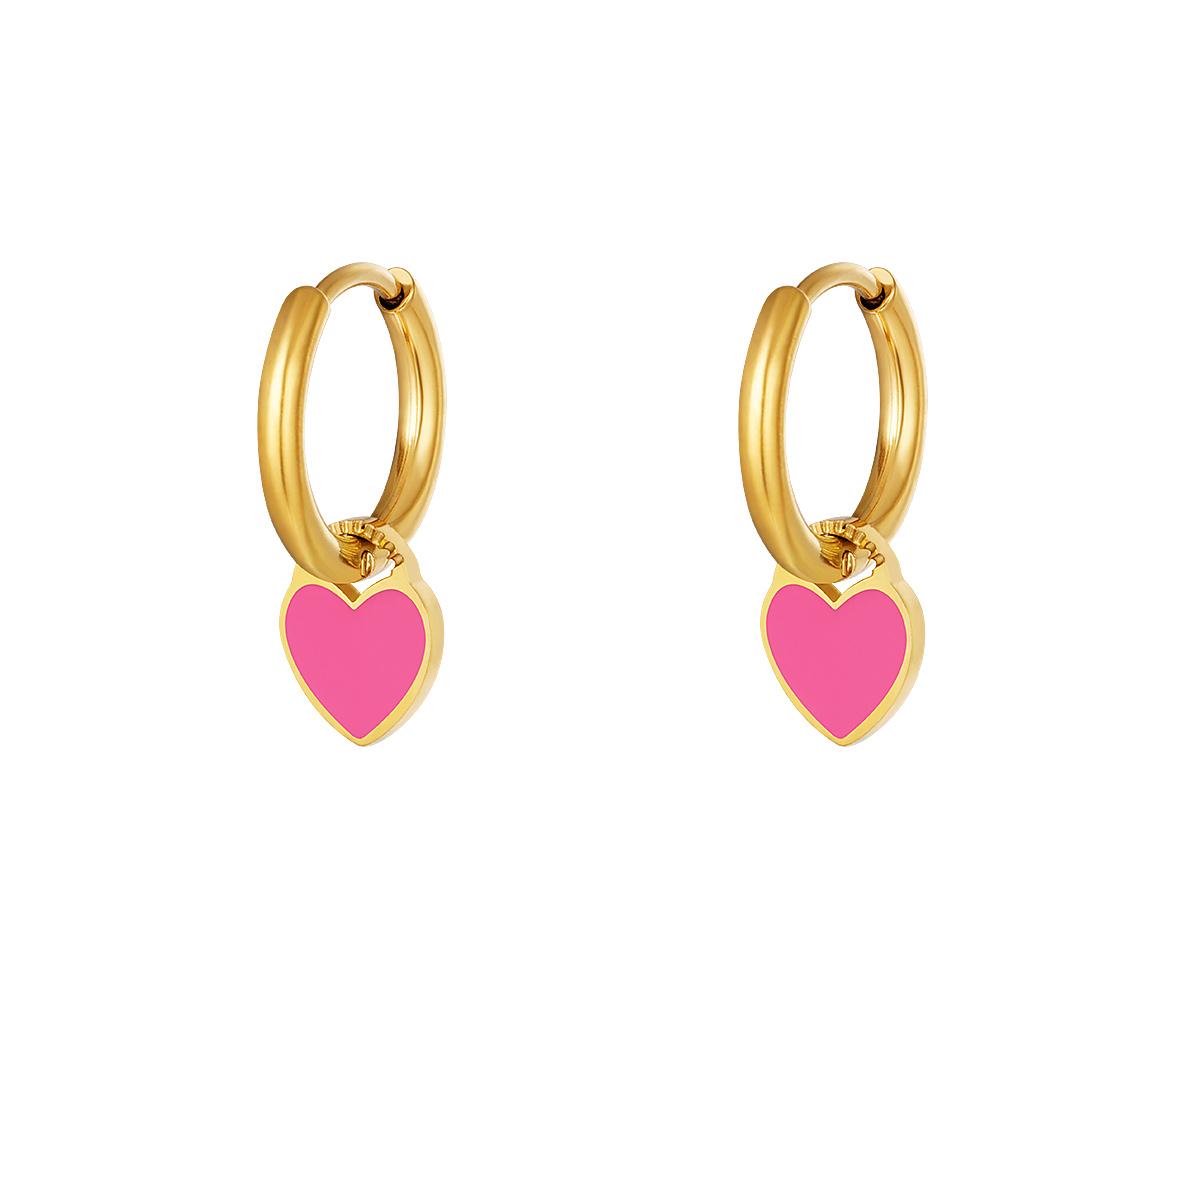 RVS Oorbel Colorful Heart gouden oorbellen met fuchsia hartje fashion sieraden kopen bestellen